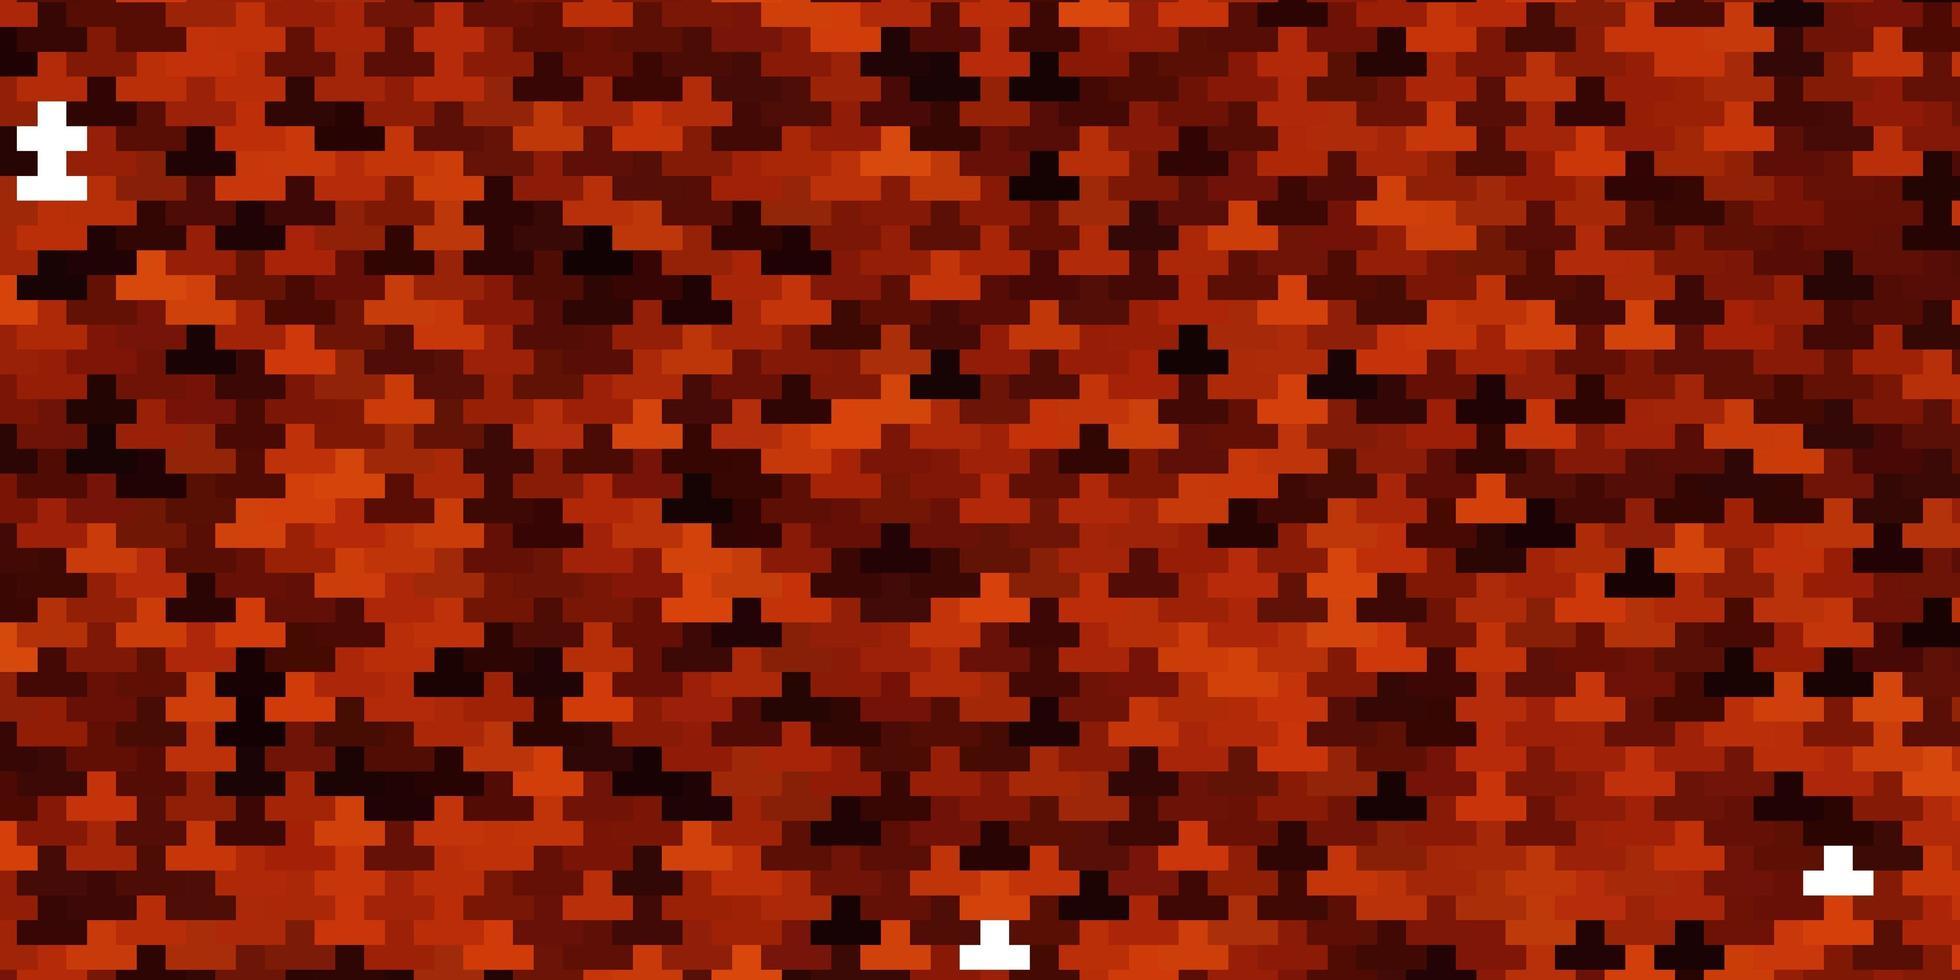 fundo vector vermelho claro com retângulos.